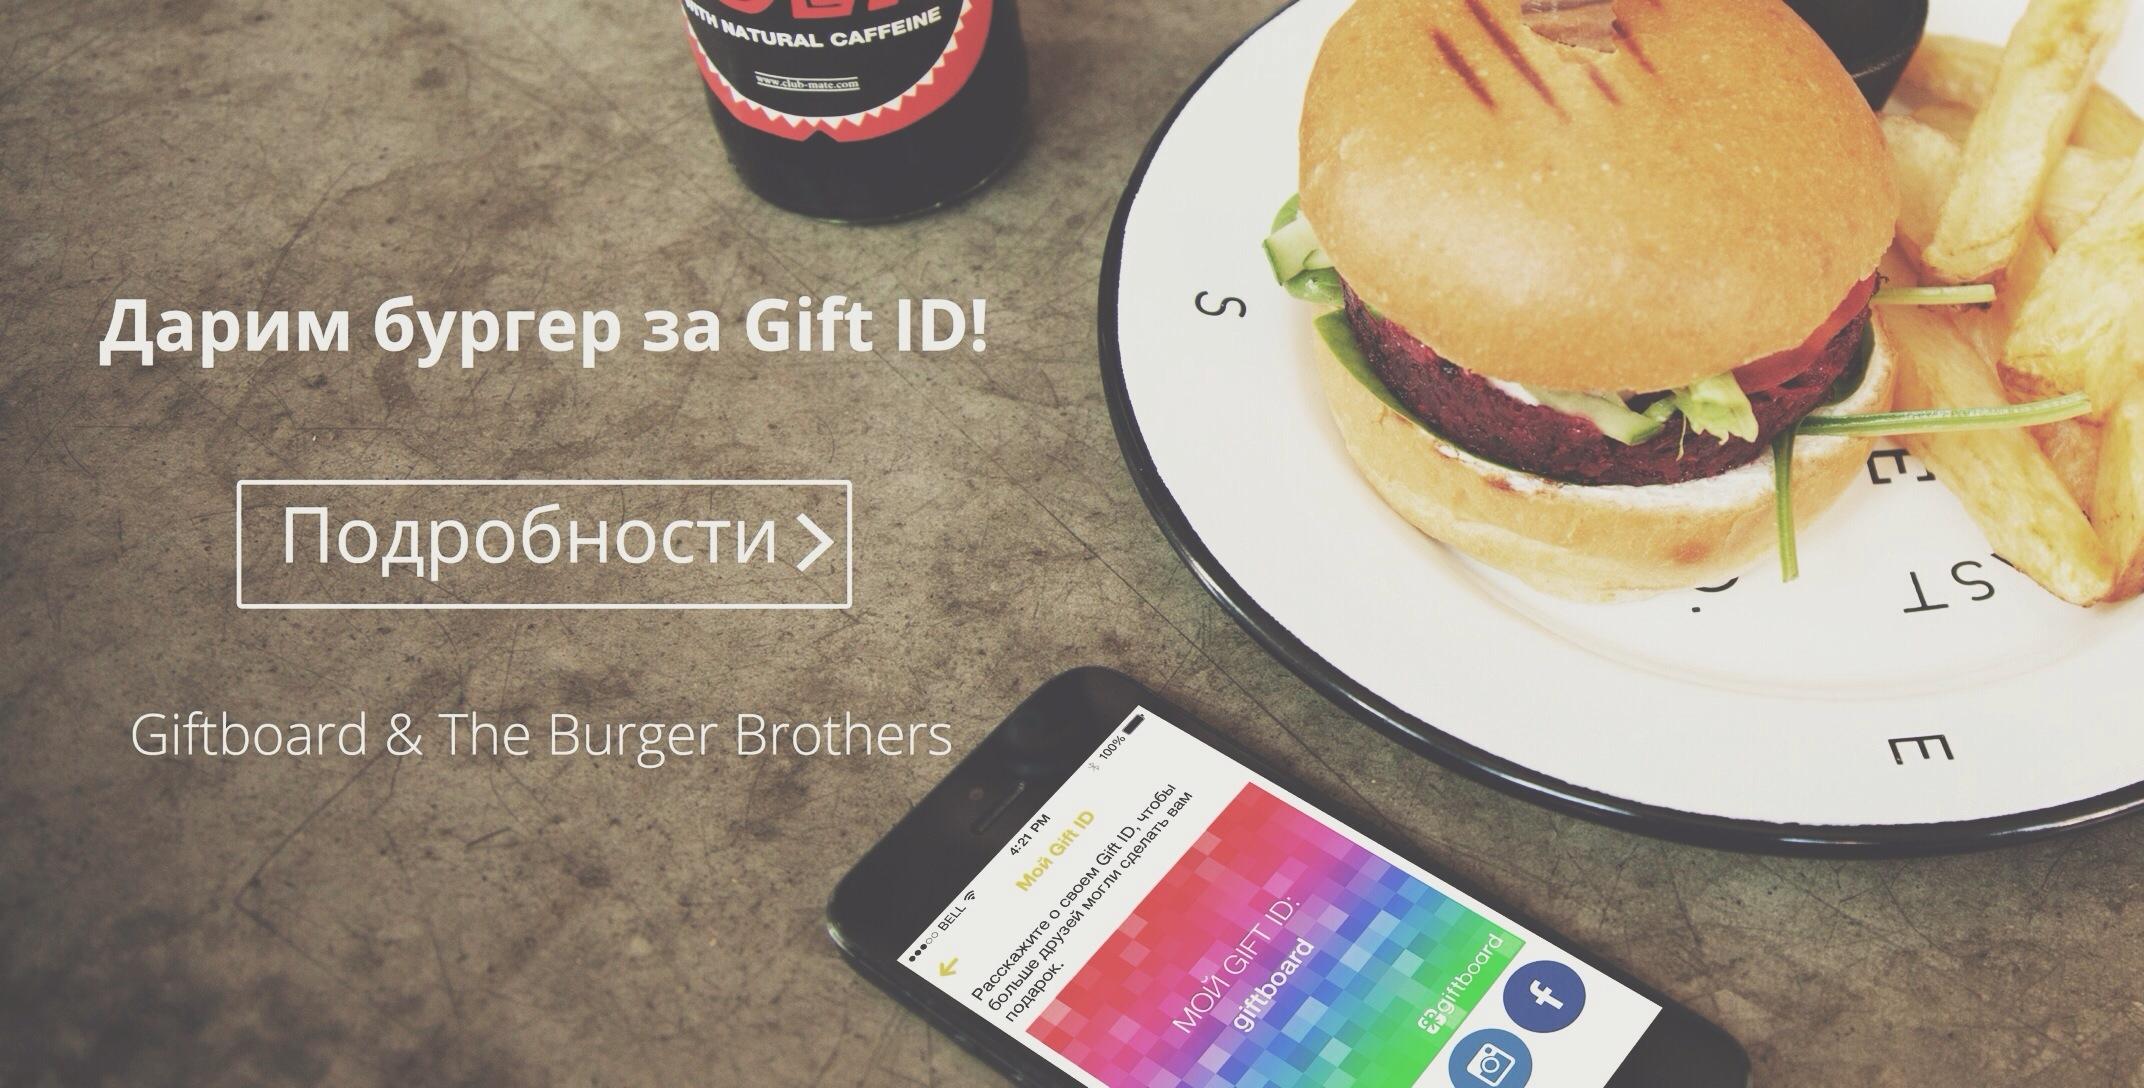 Бургер за Gift ID